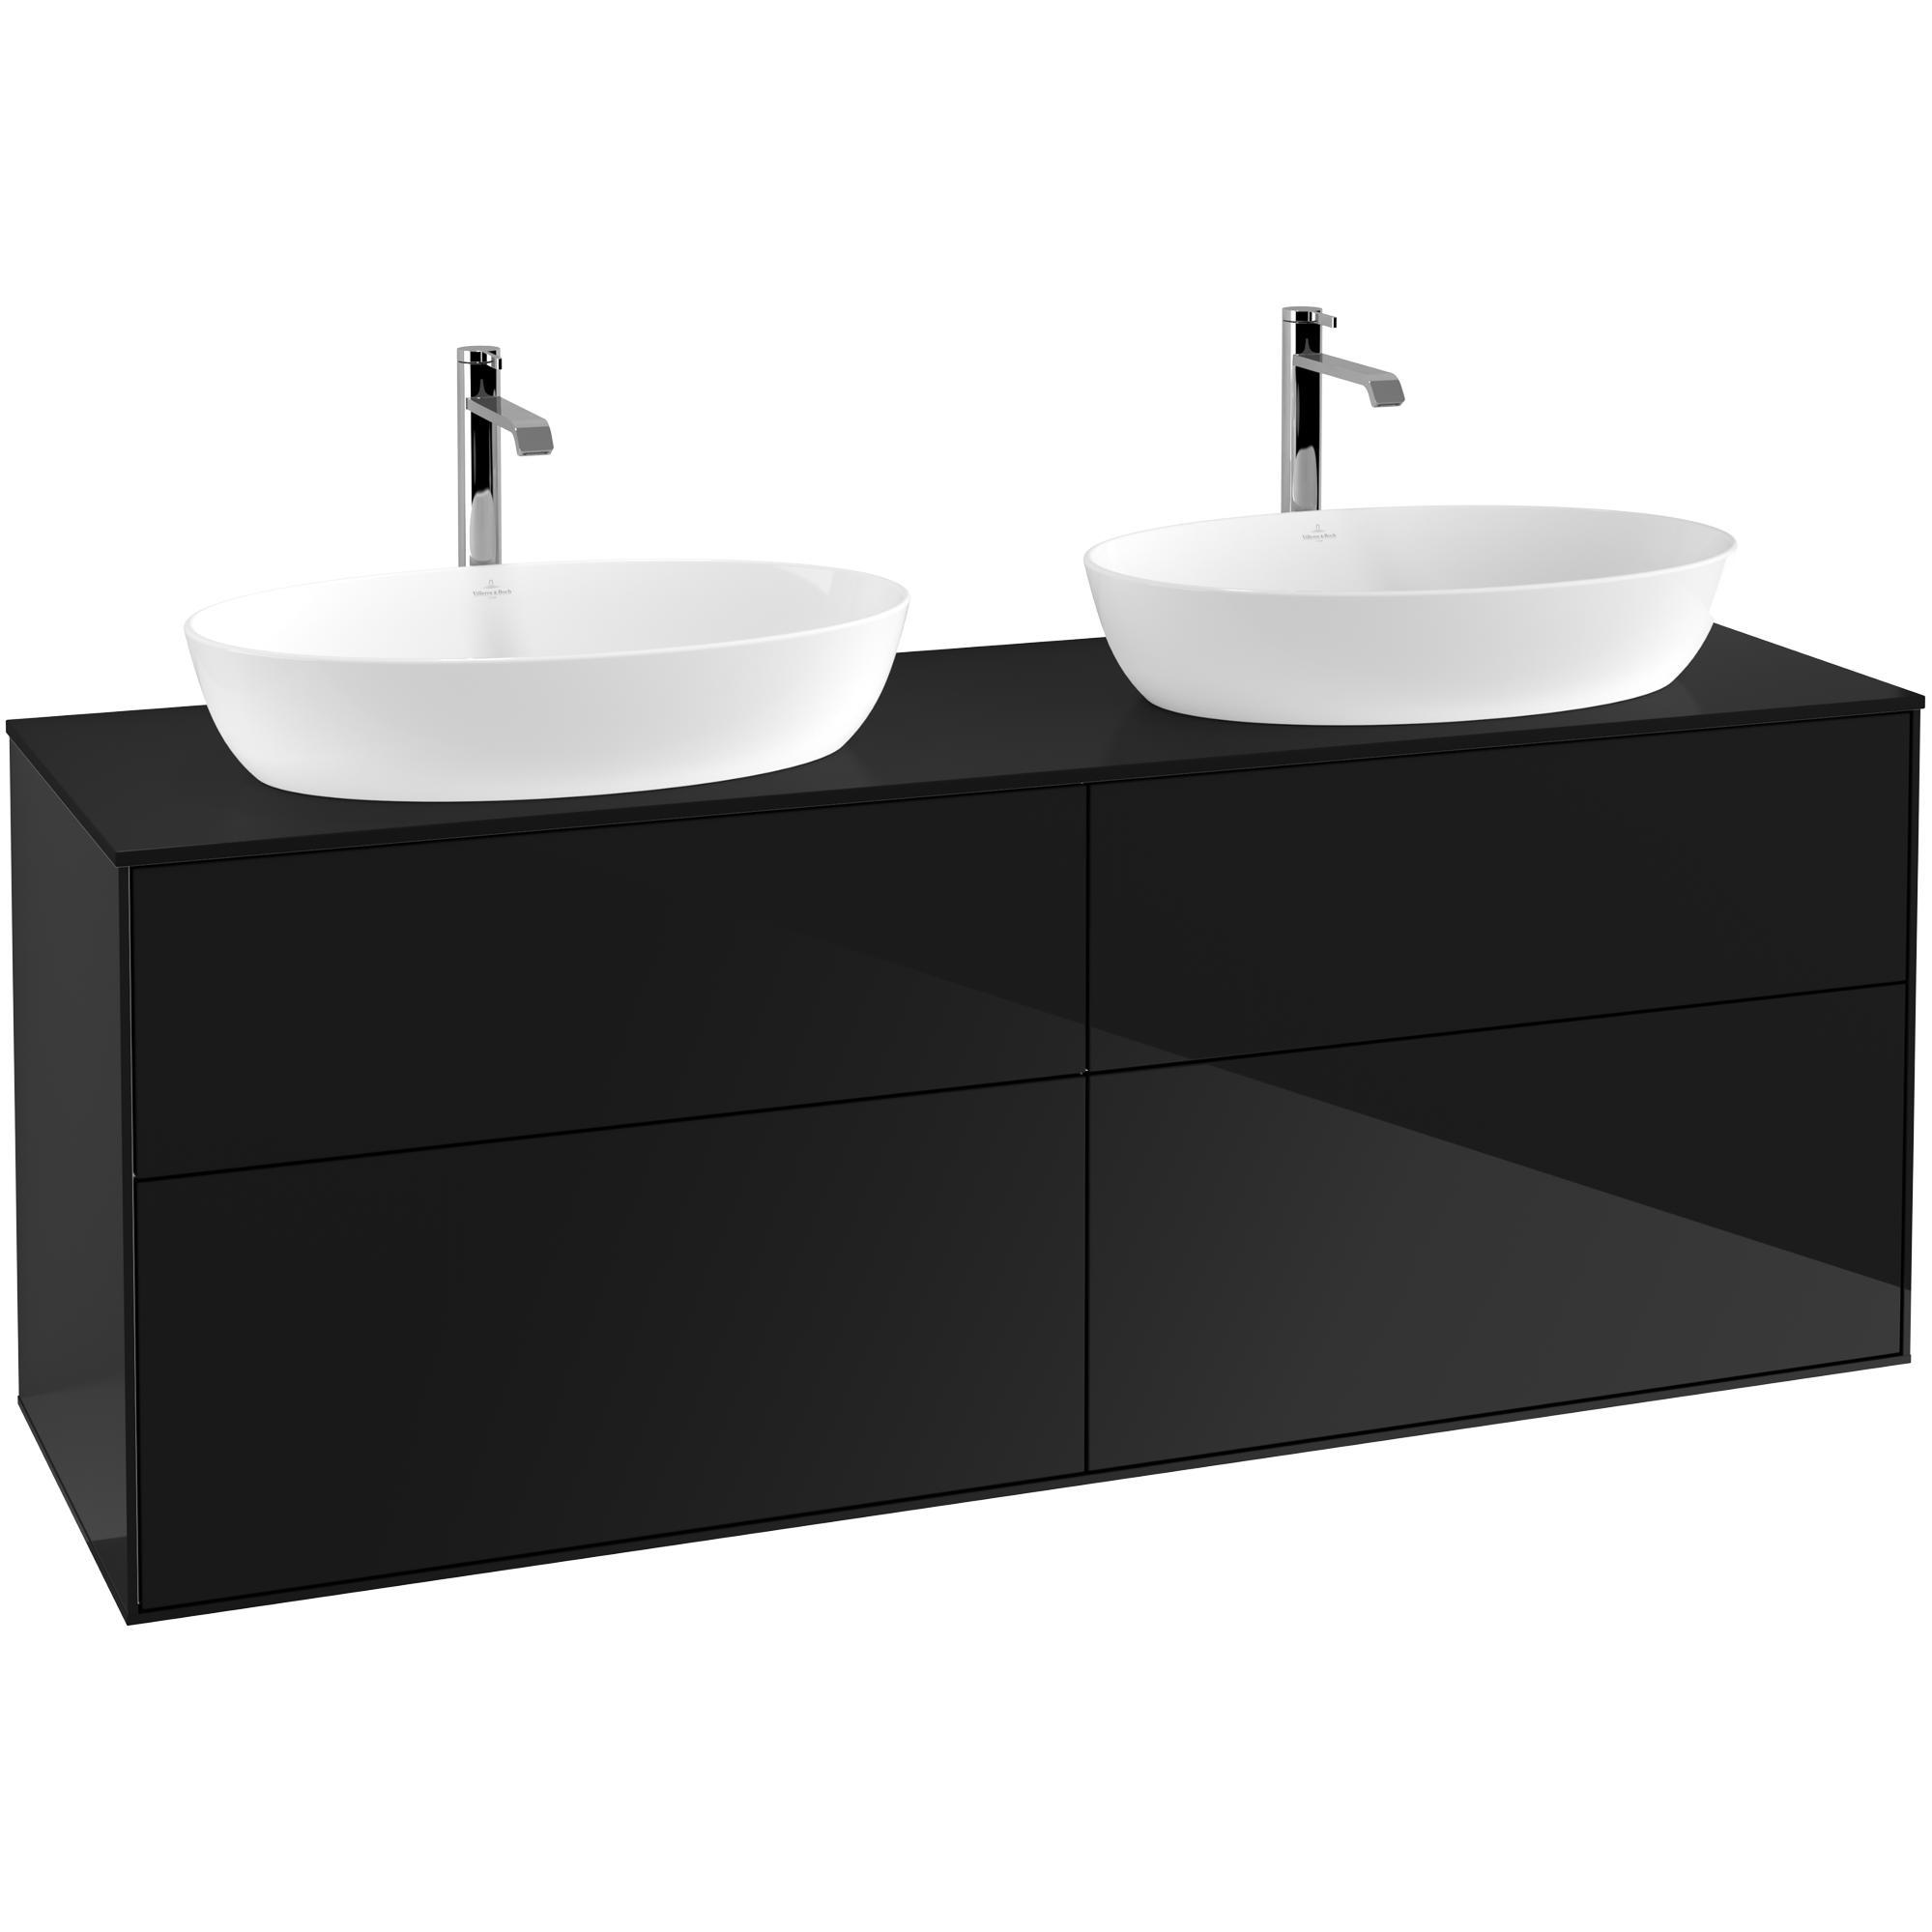 Tvättställsskåp Villeroy & Boch Finion med 4 Lådor och Bänkskiva för Två Fristående Tvättställ från Artis & Collaro